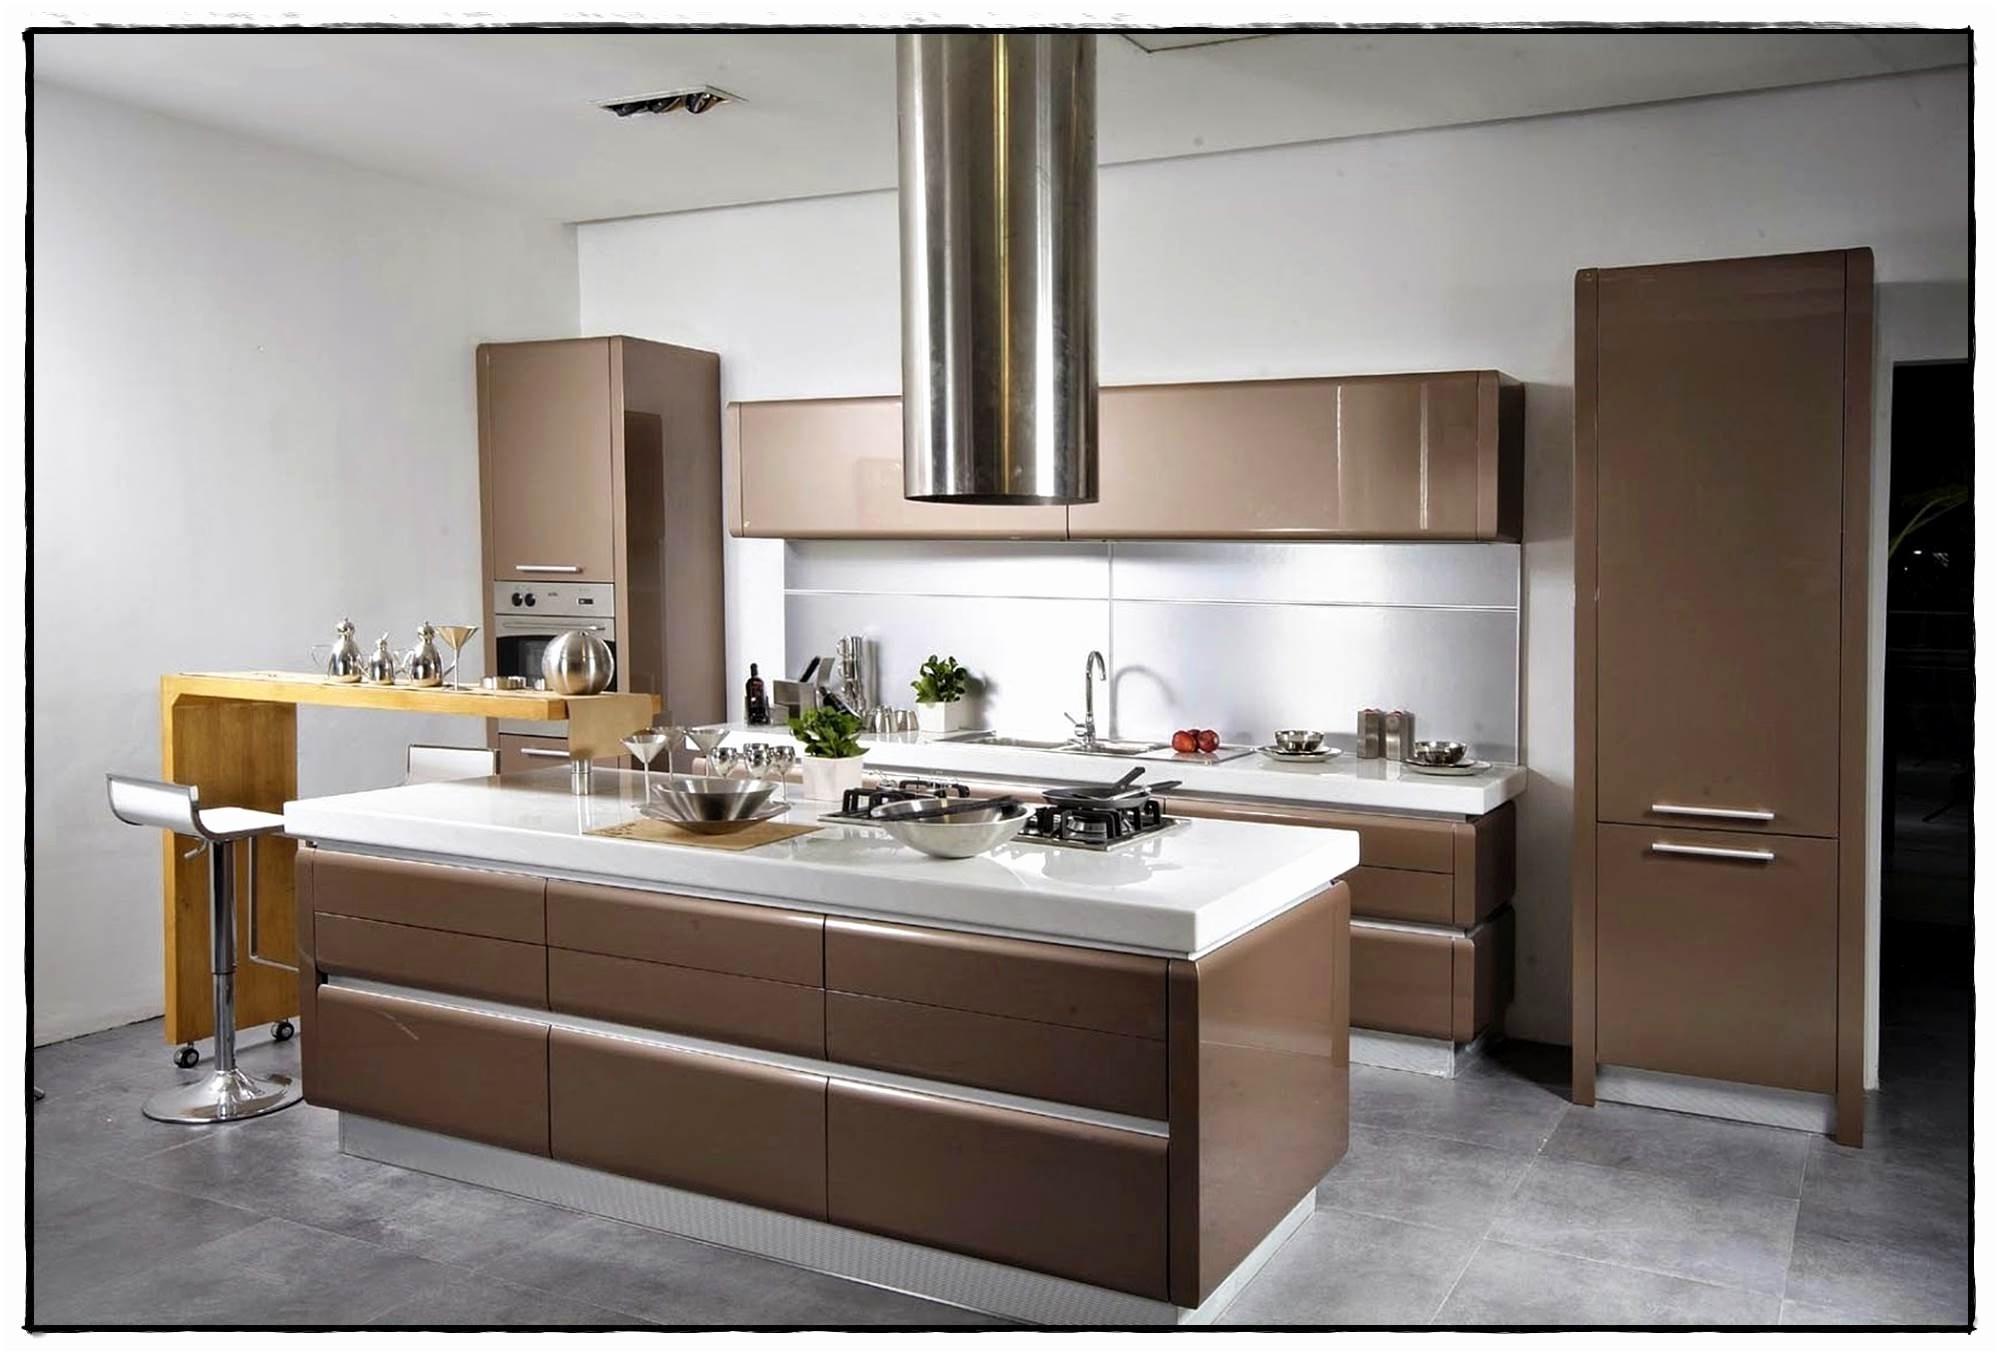 Cuisine Plus Tv Nouveau Collection 23 Inspirant Tv Pour Cuisine Intérieur De La Maison